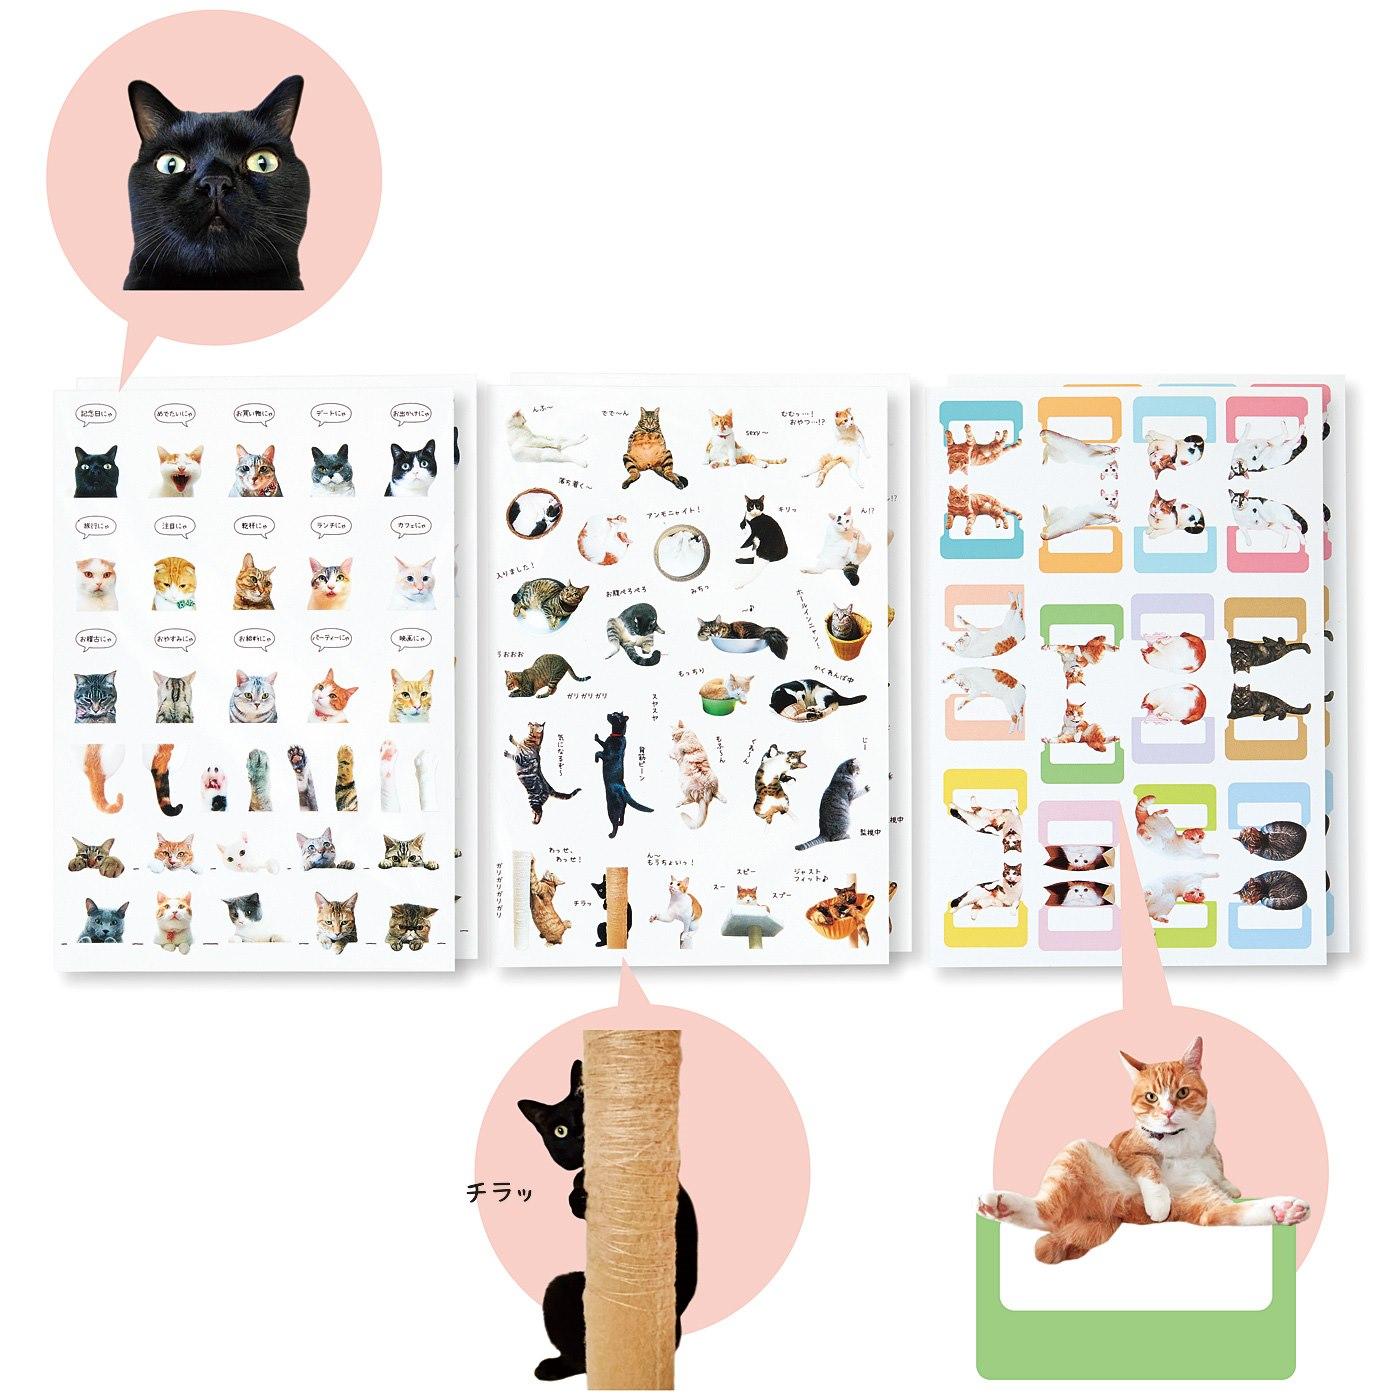 「猫部トーク」の猫さんたちとつくった手帳であそぶ猫シールの会